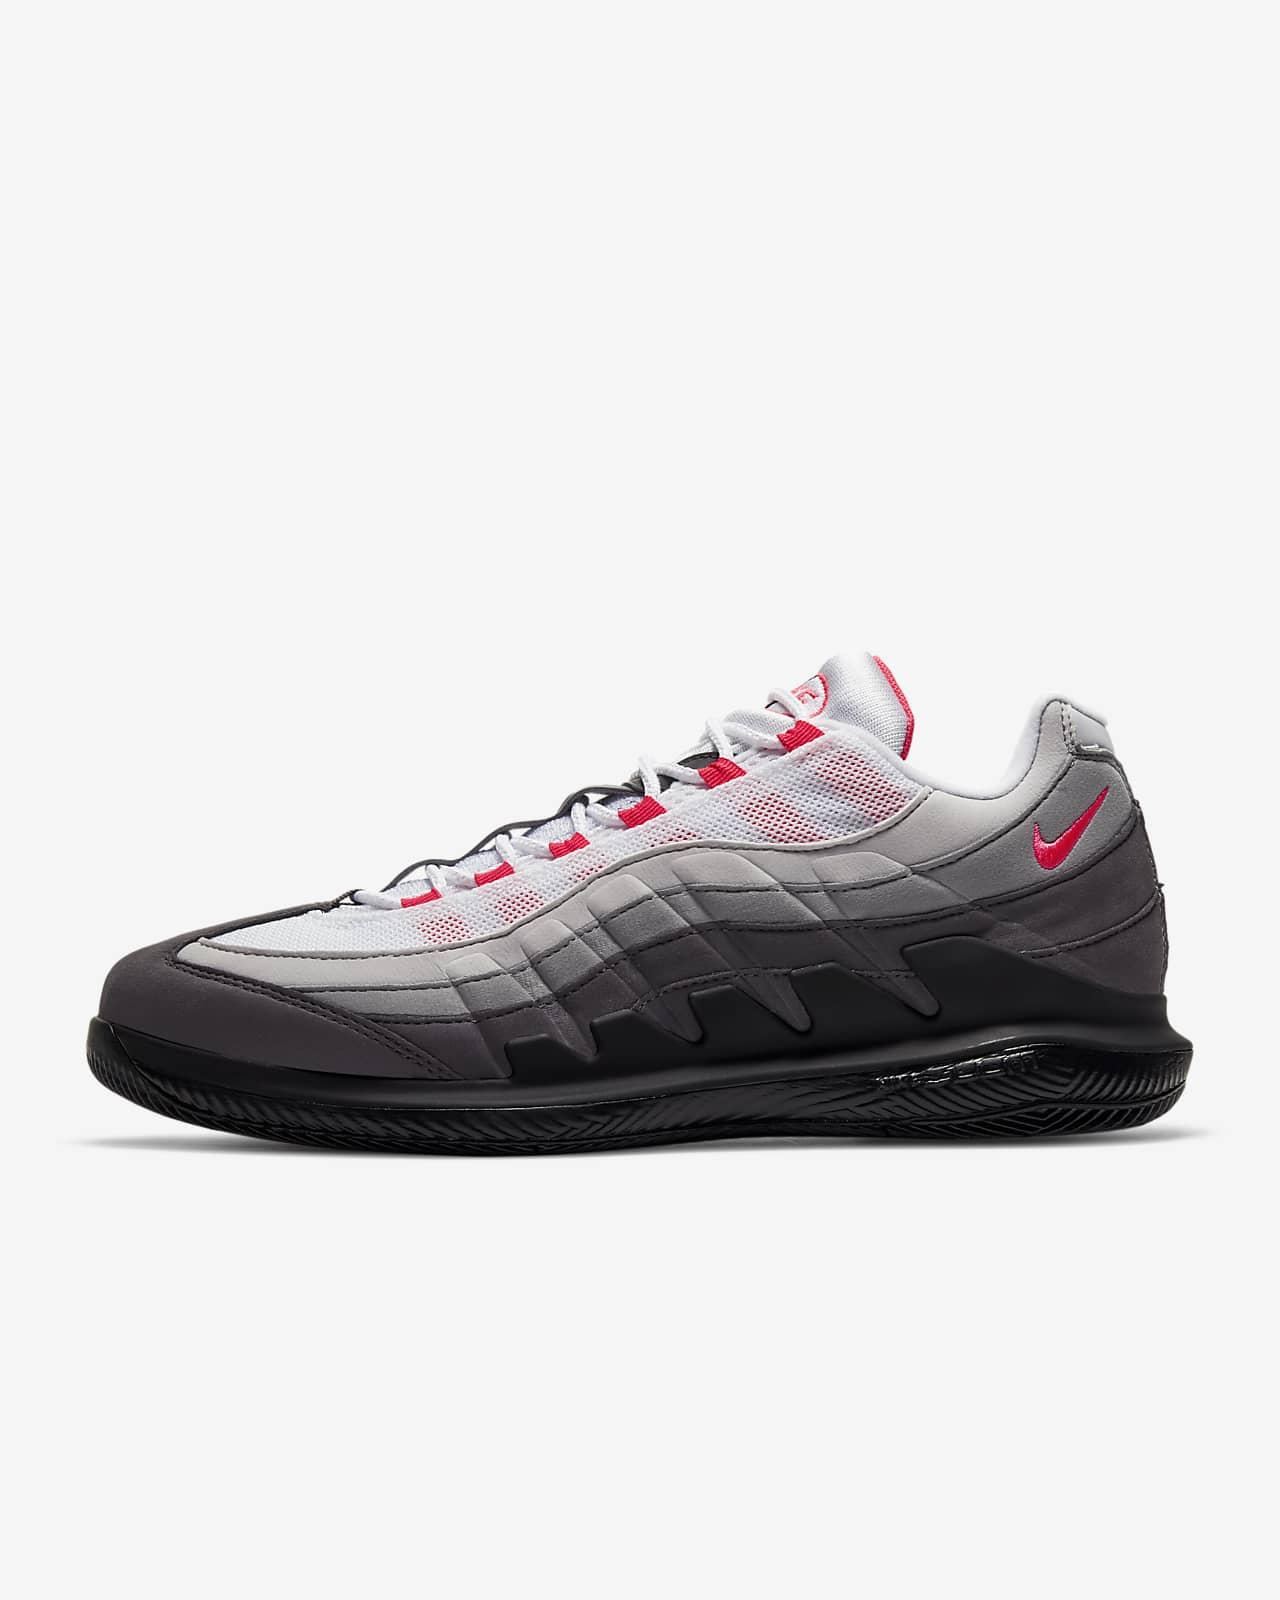 Мужские теннисные кроссовки NikeCourt Zoom Vapor X Air Max 95